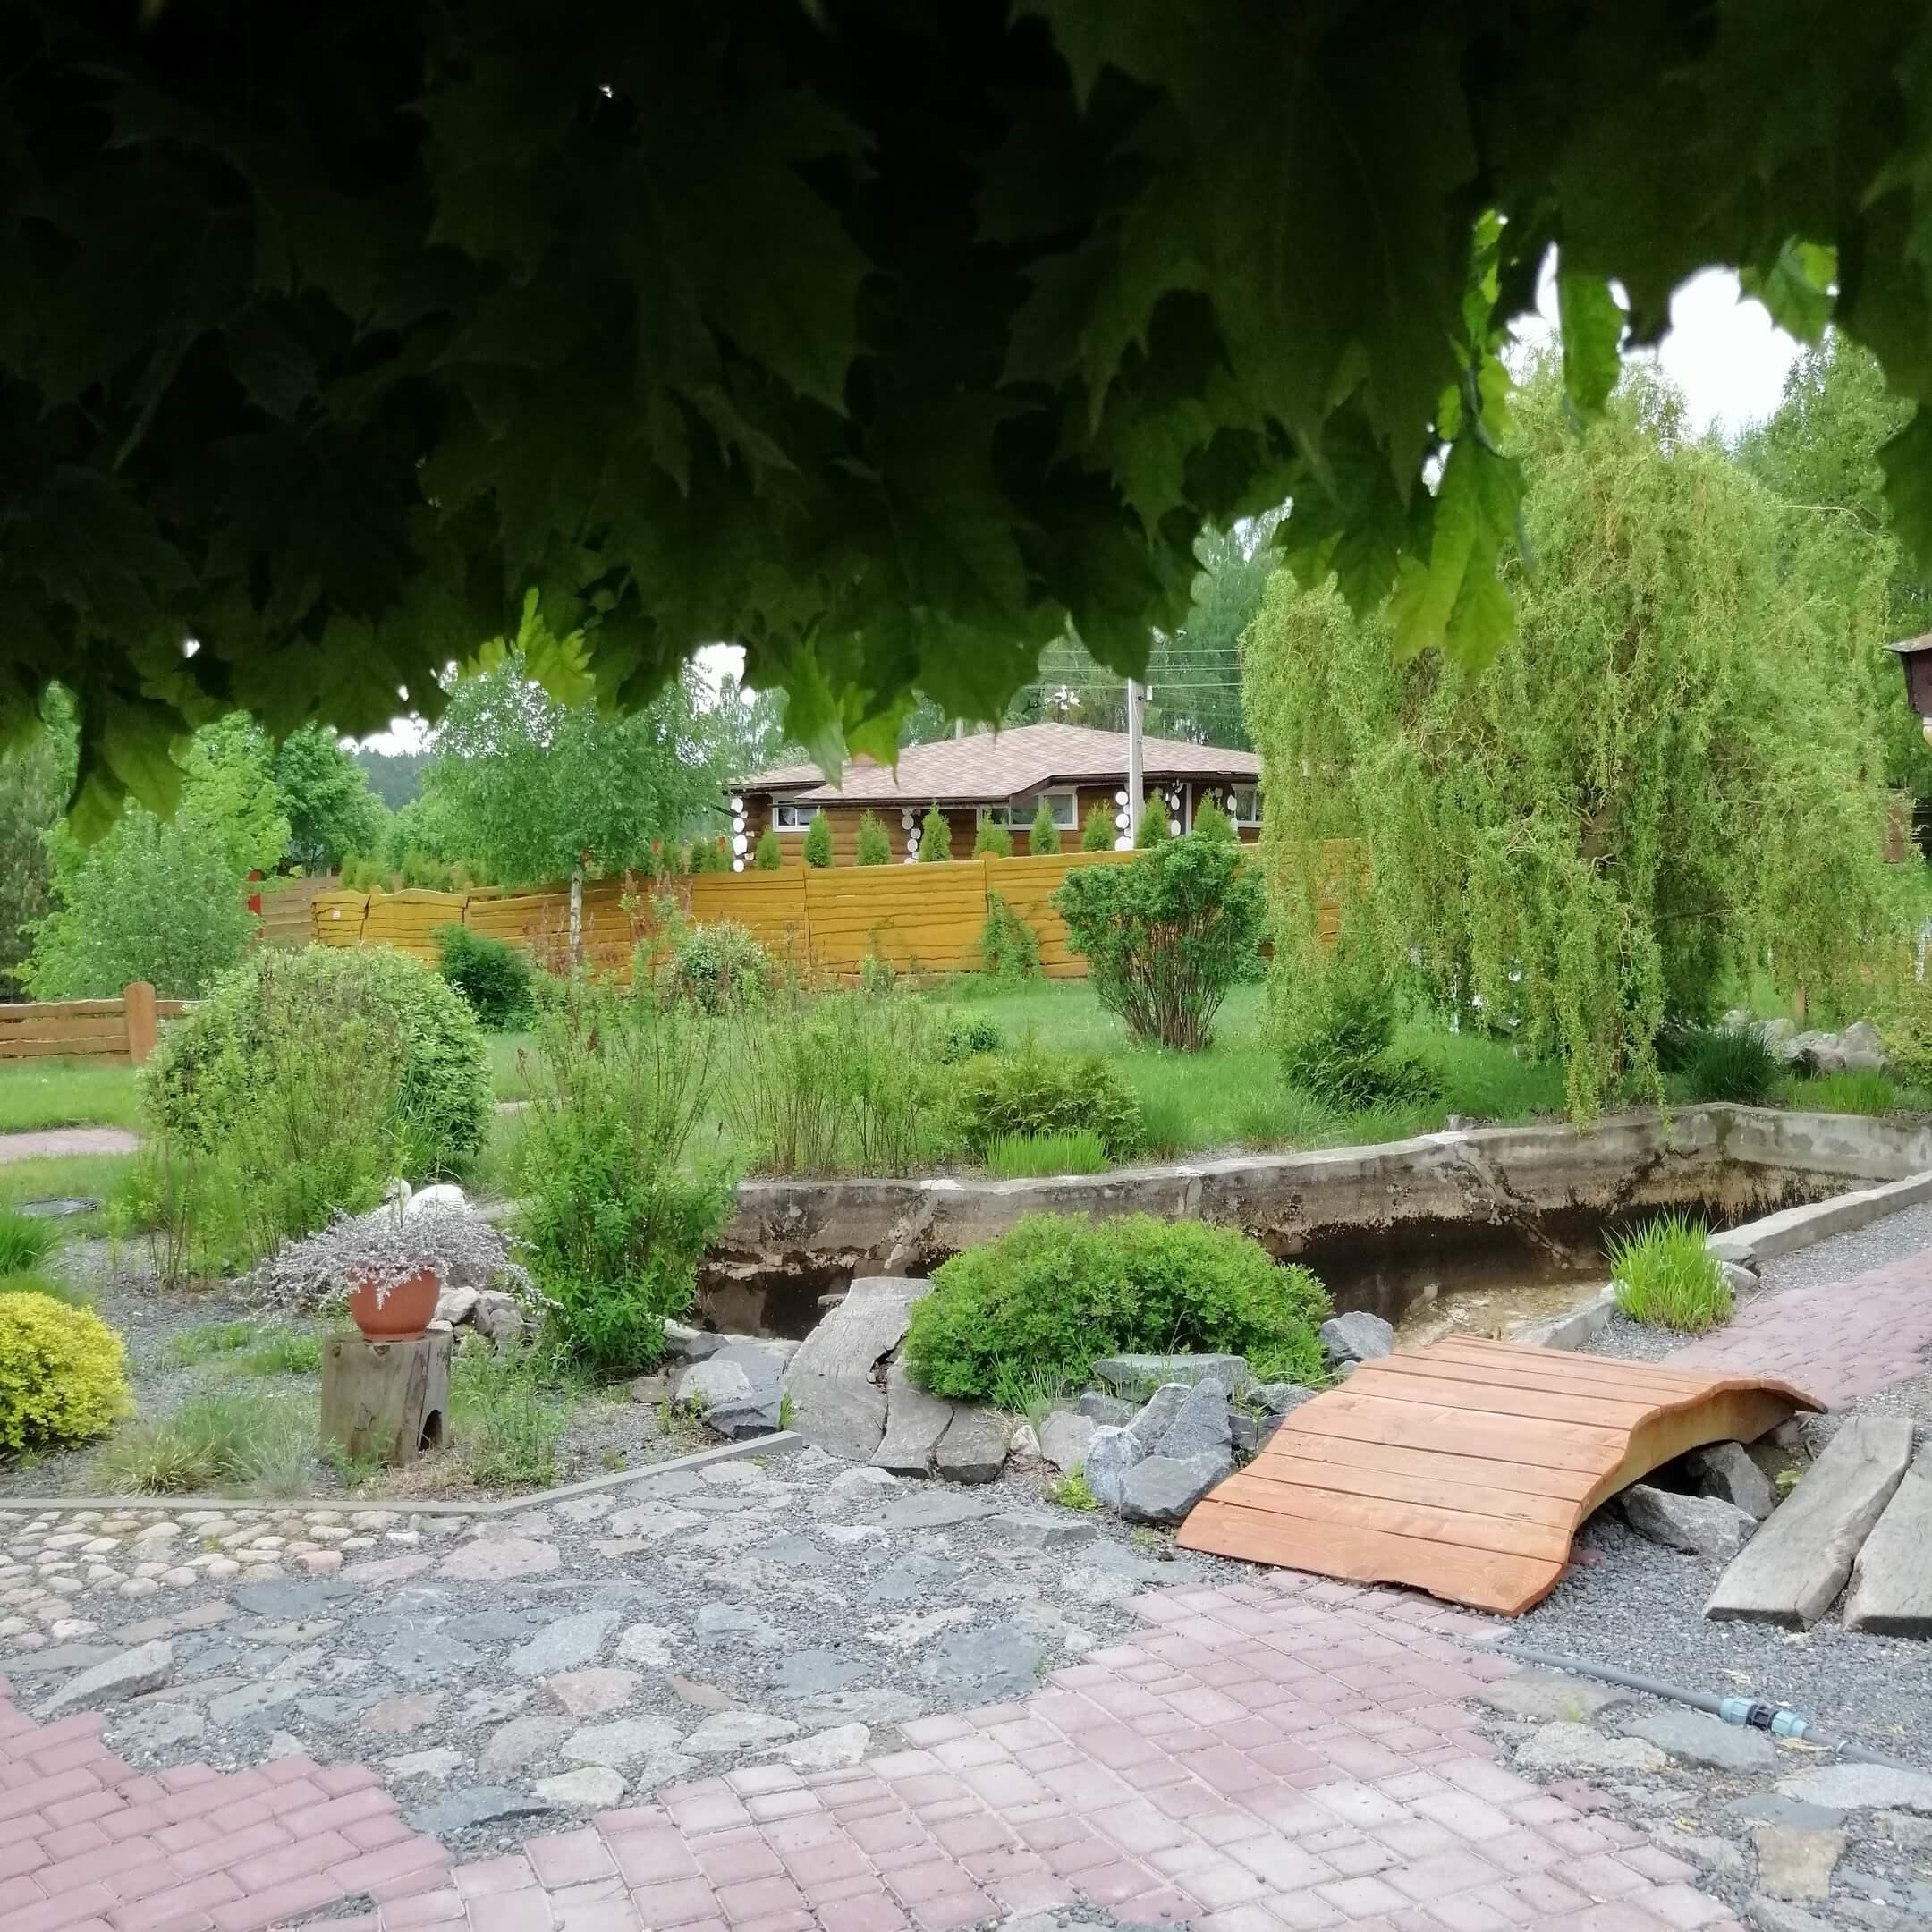 Z ZOlqZRitw 2 2 - Усадьба в 10 км. от Гродно Гостевой дом 2